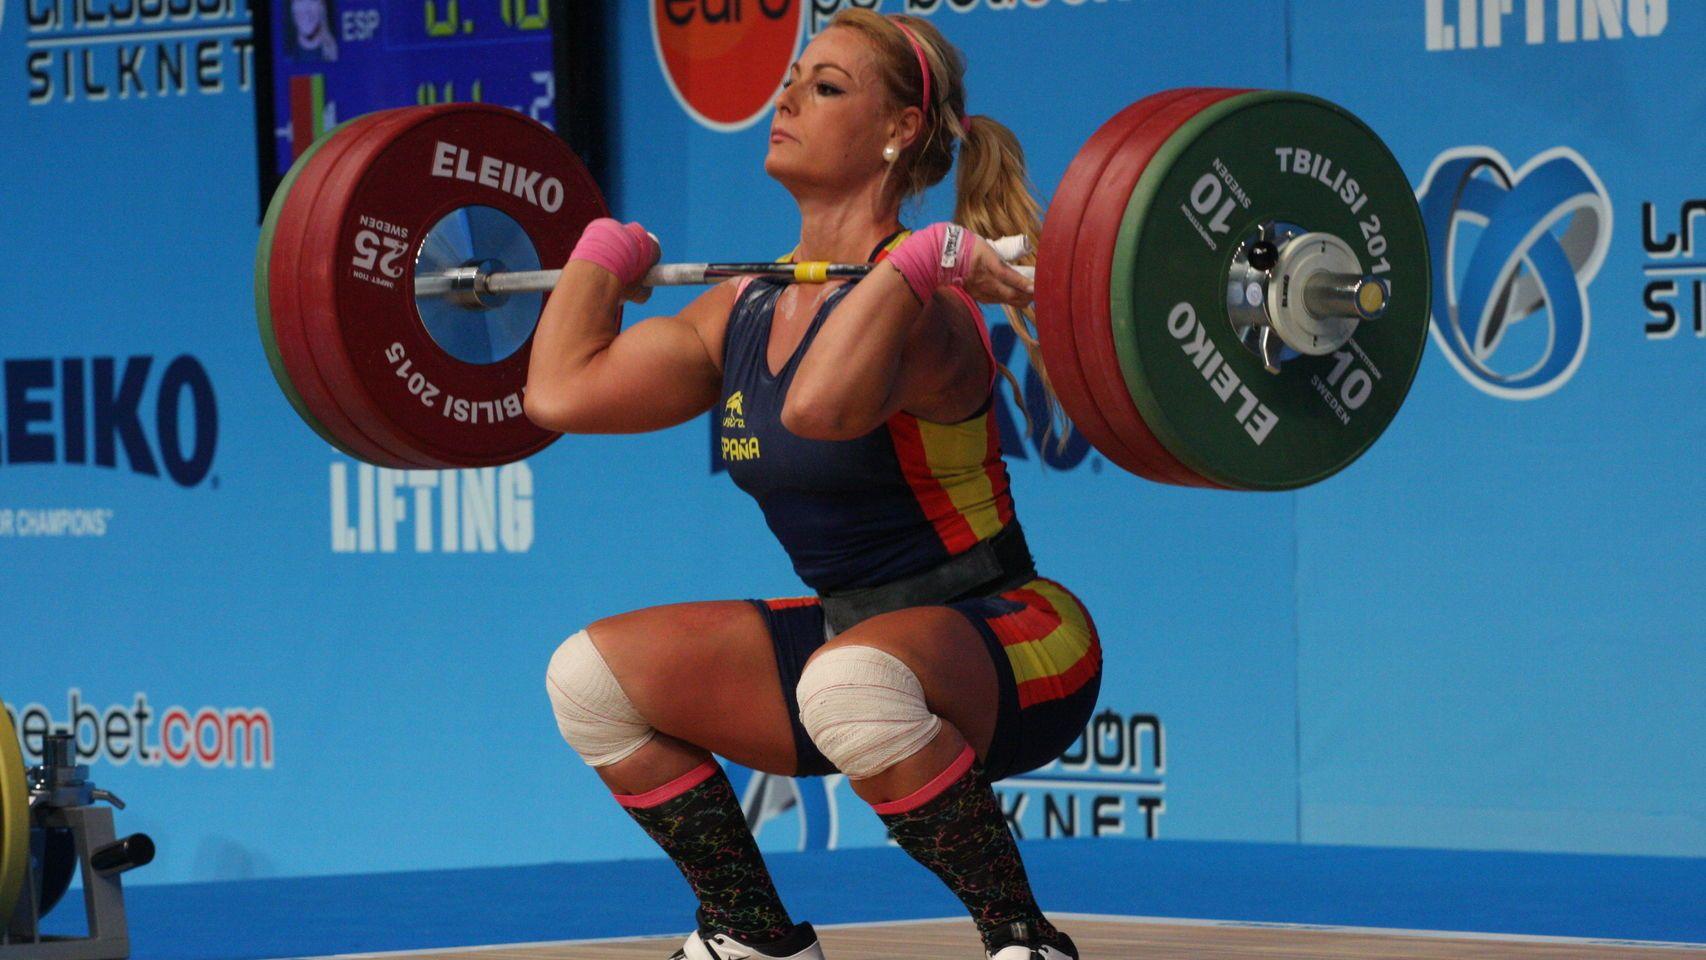 Lidia Martín, ponferradina y medalla de bronce en halterofia en los JJOO 2016 de Brasil.  Bien por esta mujer, guapa y fuerte.